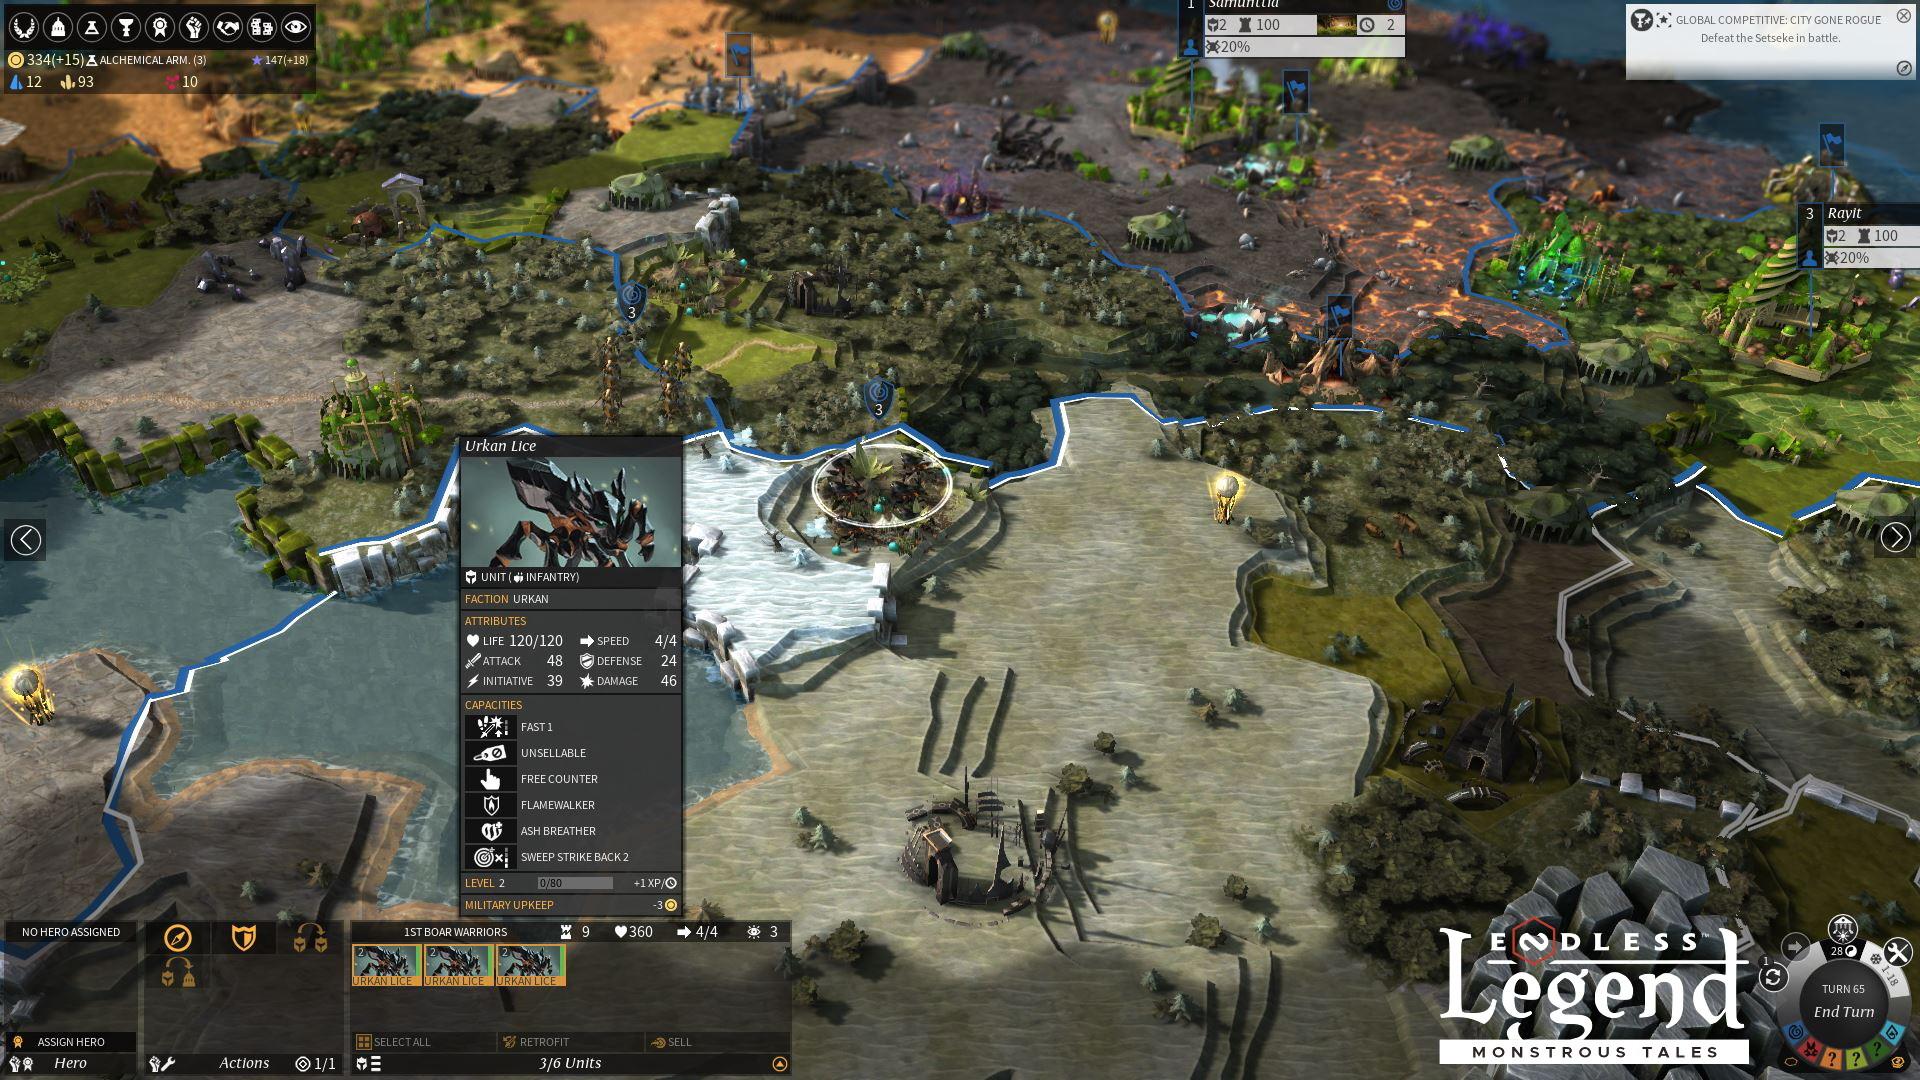 Endless Legend™ - Monstrous Tales Fiyat Karşılaştırma